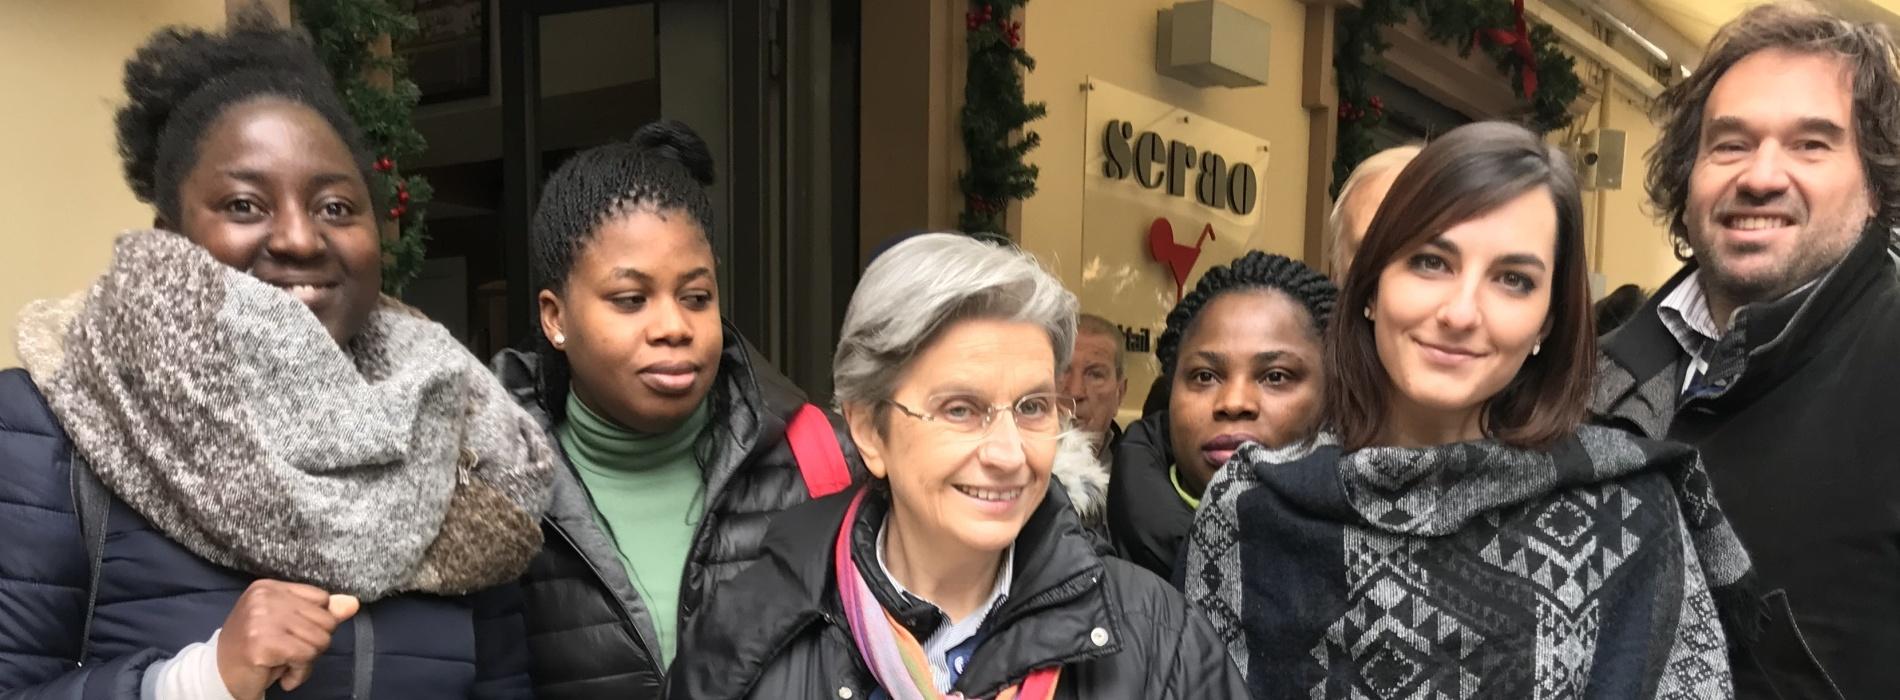 L'insostenibile difesa della razza, il convegno storico a Caserta